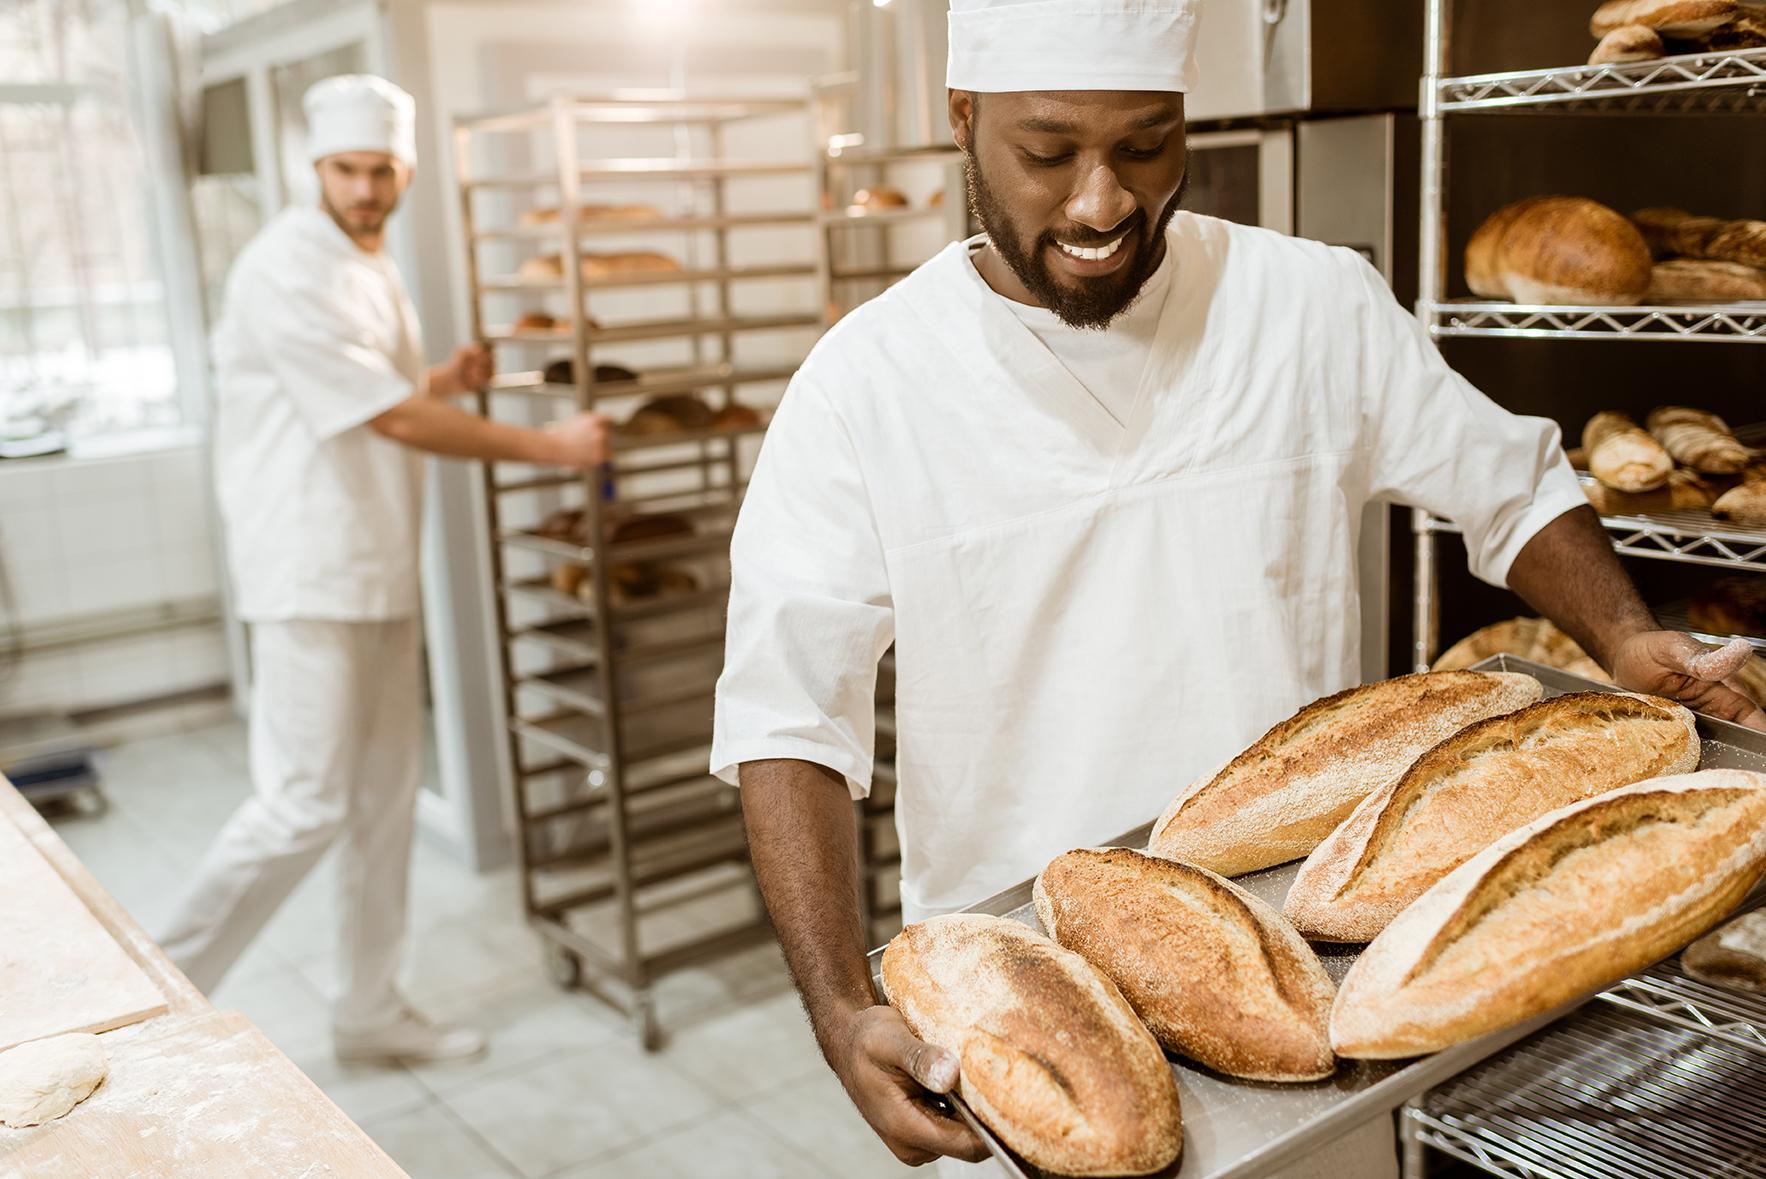 Een bakker die diverse broden uit de oven haalt in een bakkerij